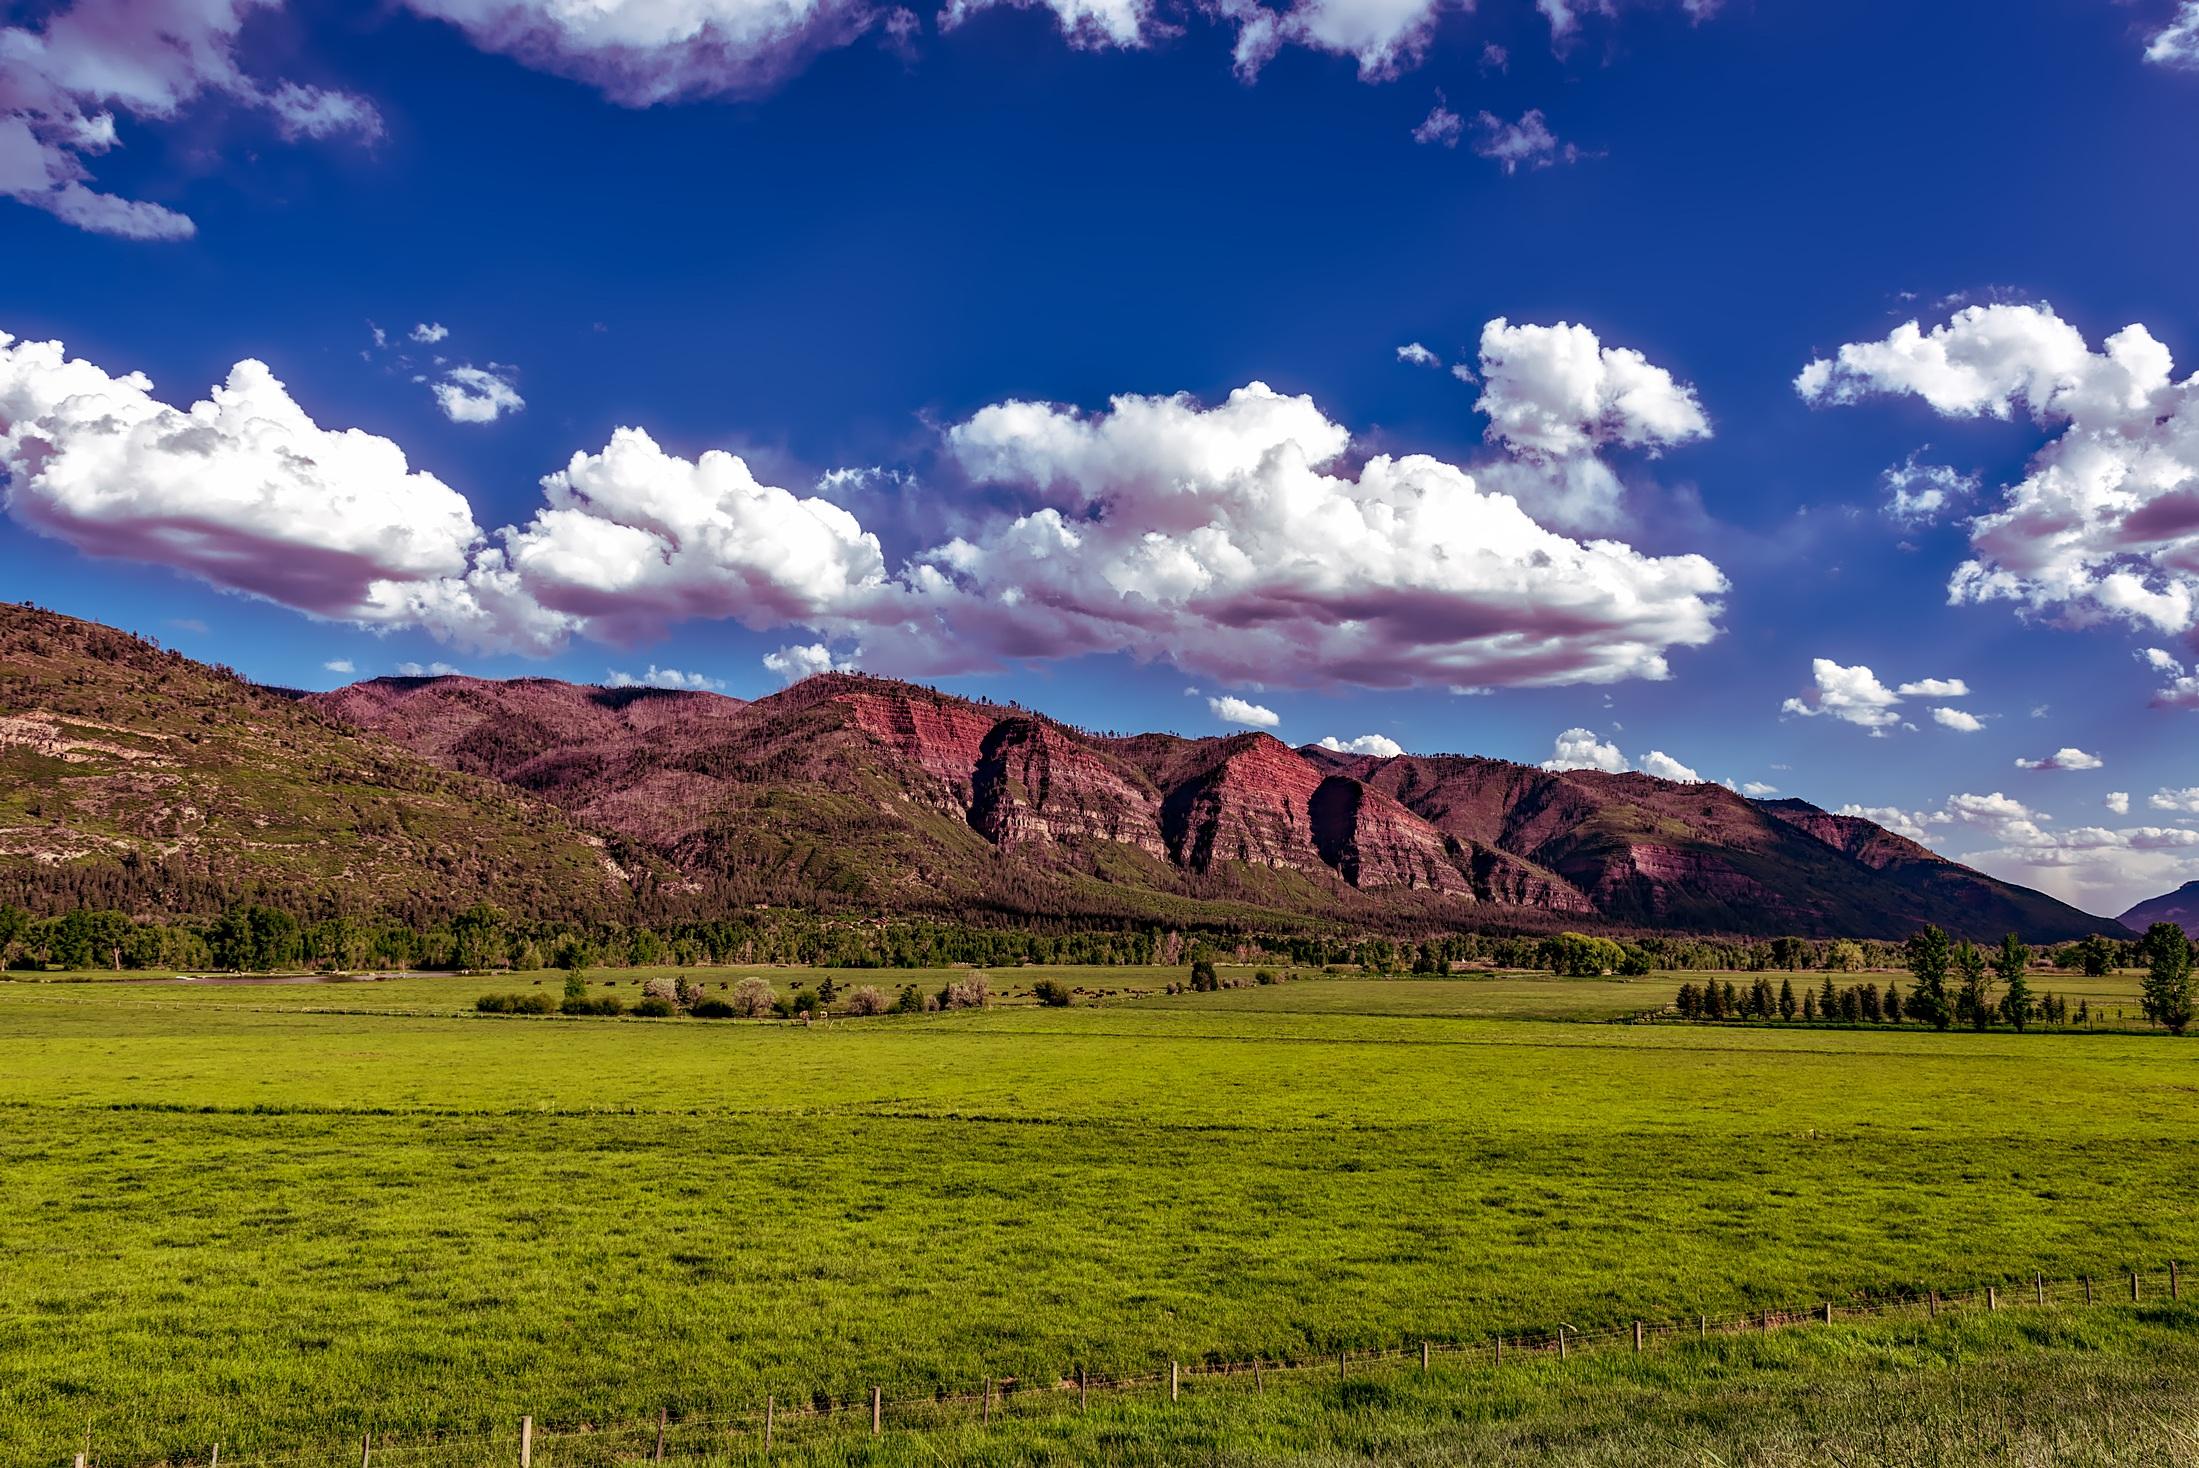 равнины и горы фотографии отметить, что аналогичное